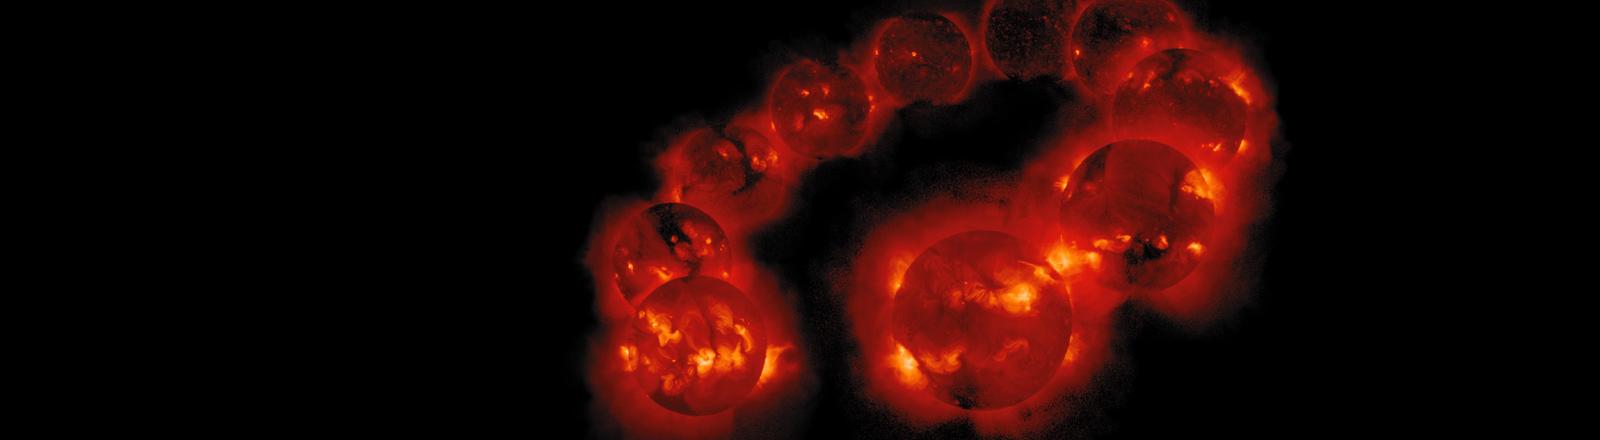 Bildmontage zeigt die Sonnenaktivitäten von August 1991 bis September 2001 aufgenommen von dem Yohkoh Soft X-ray Telekop. Zu sehen sind die Veränderungen der Sonnenaktivitäten.